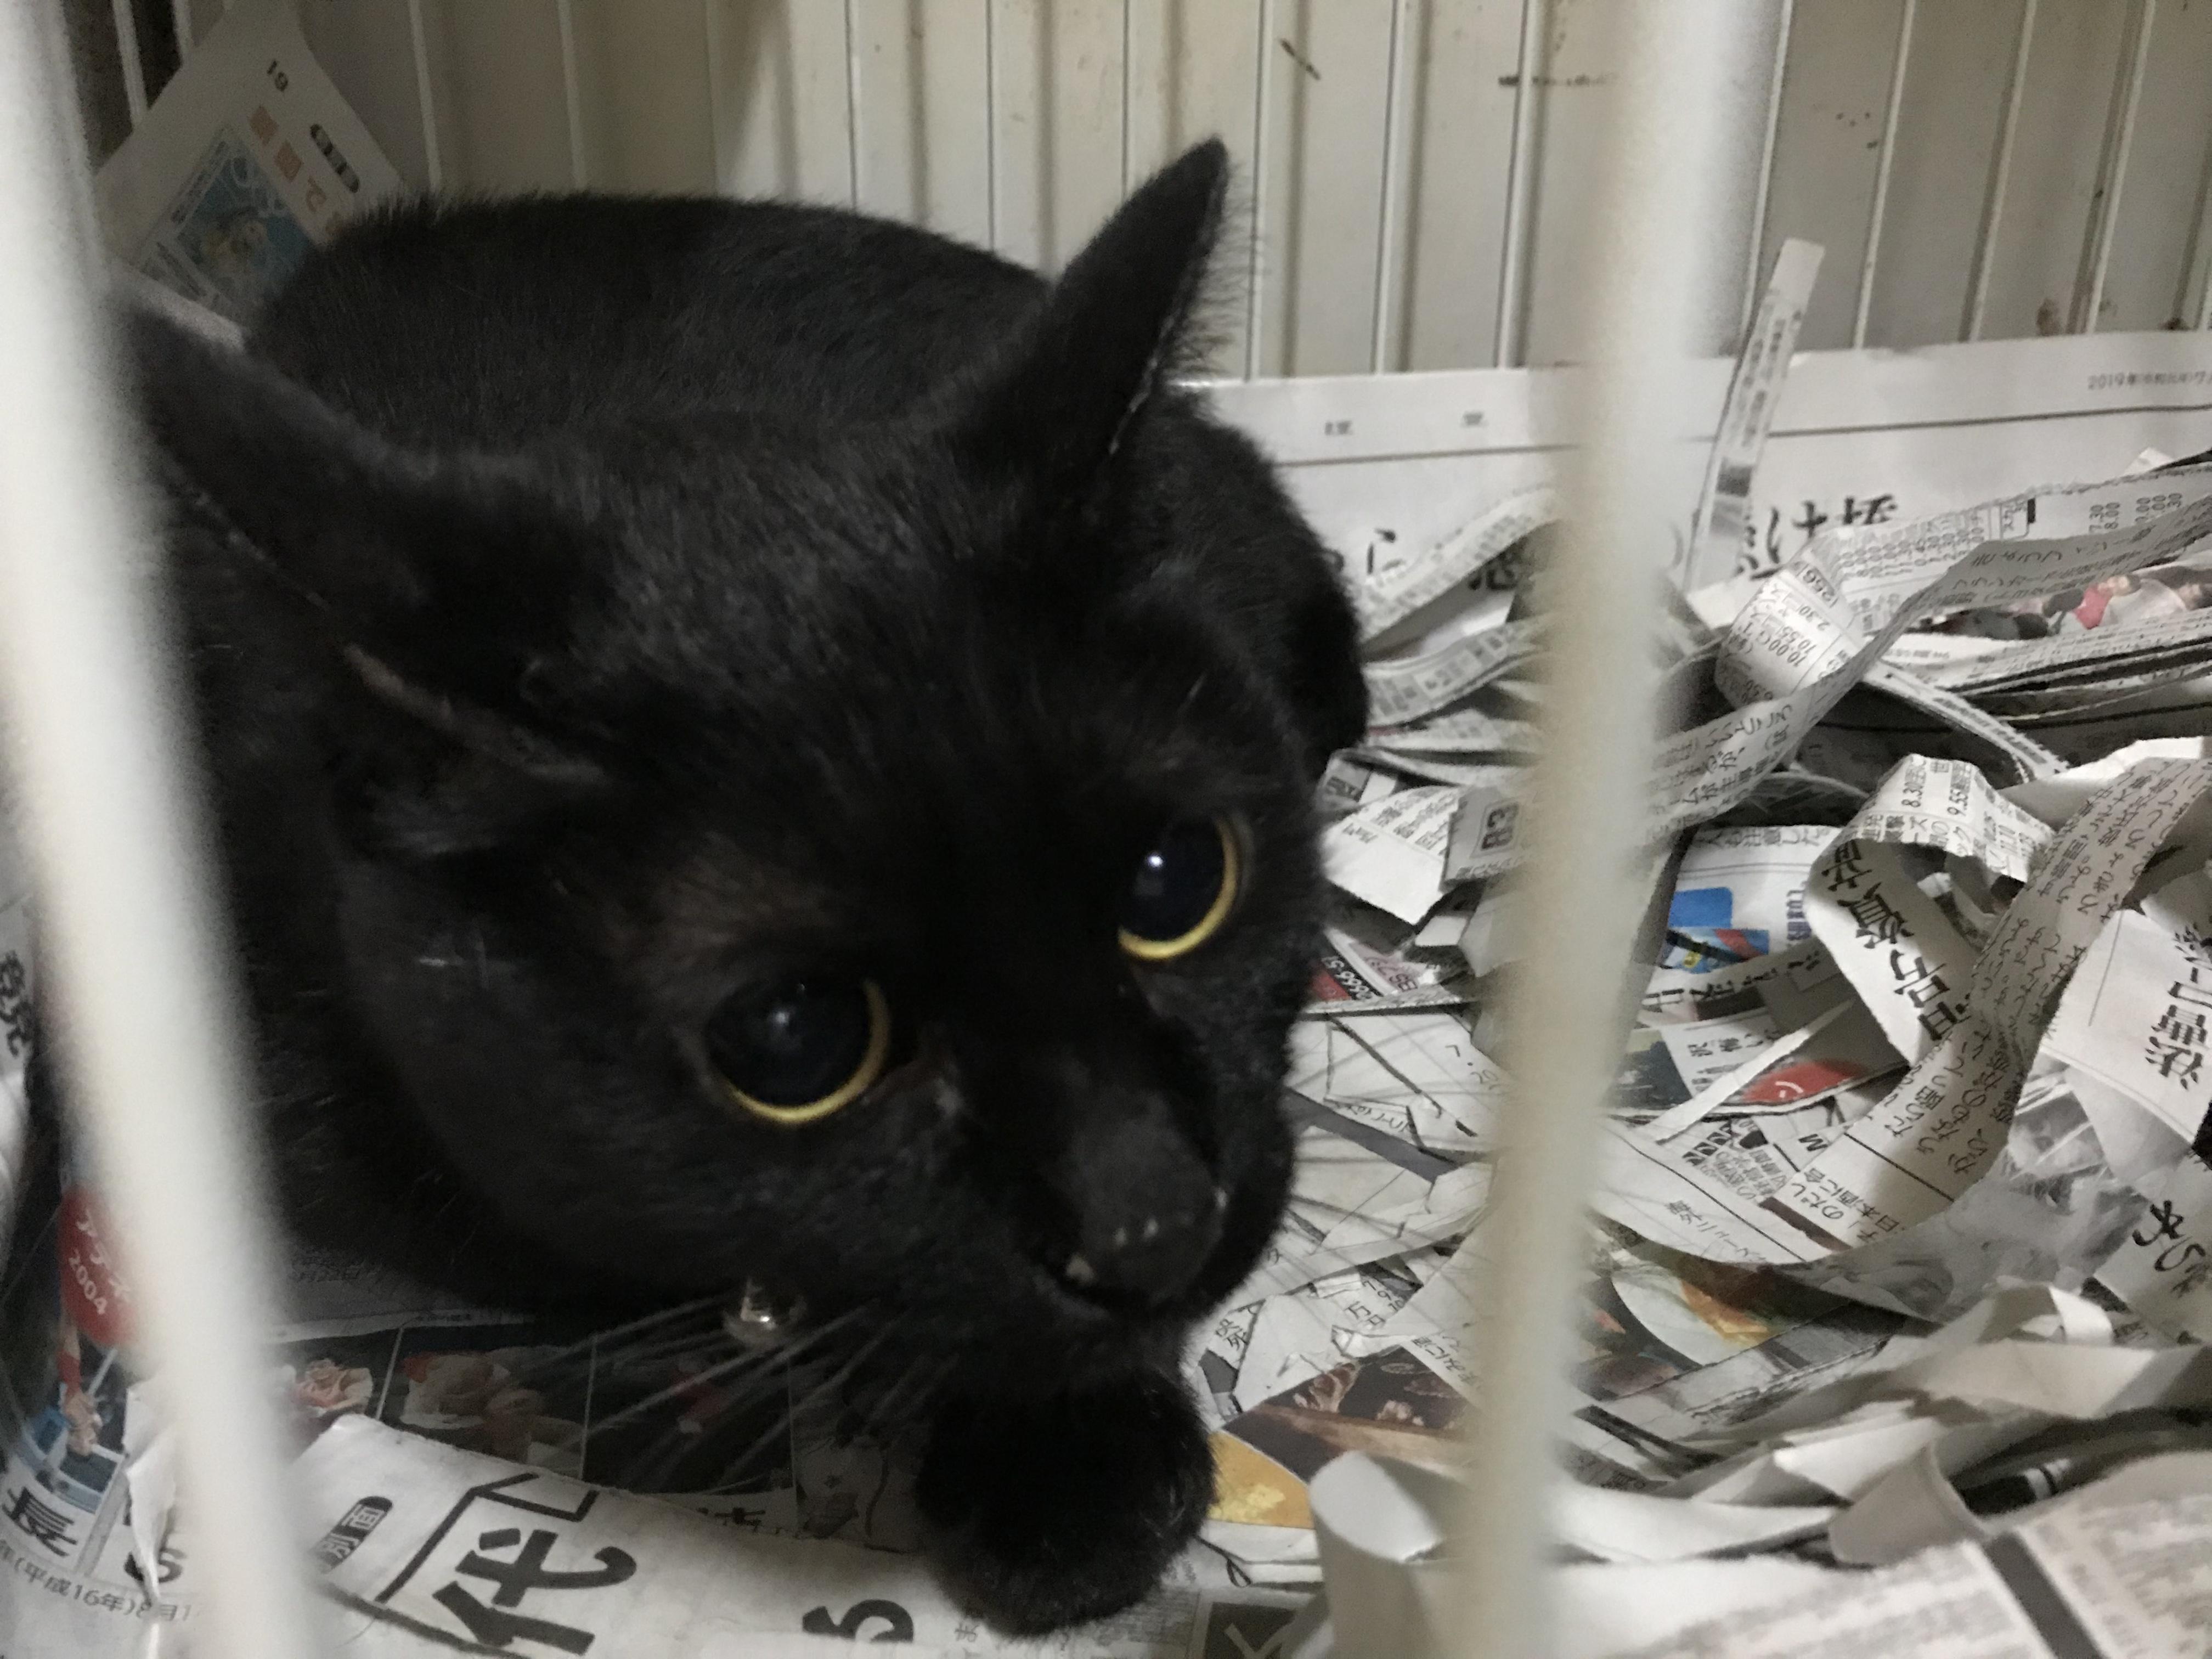 <p></p> <ul> <li>猫種:日本猫 黒</li> <li>性別:女の子</li> <li>名前:はな</li> <li>年齢:2011年7月</li> <li>保護経緯:家族の方がアレルギーのため飼育困難になりました</li> </ul>